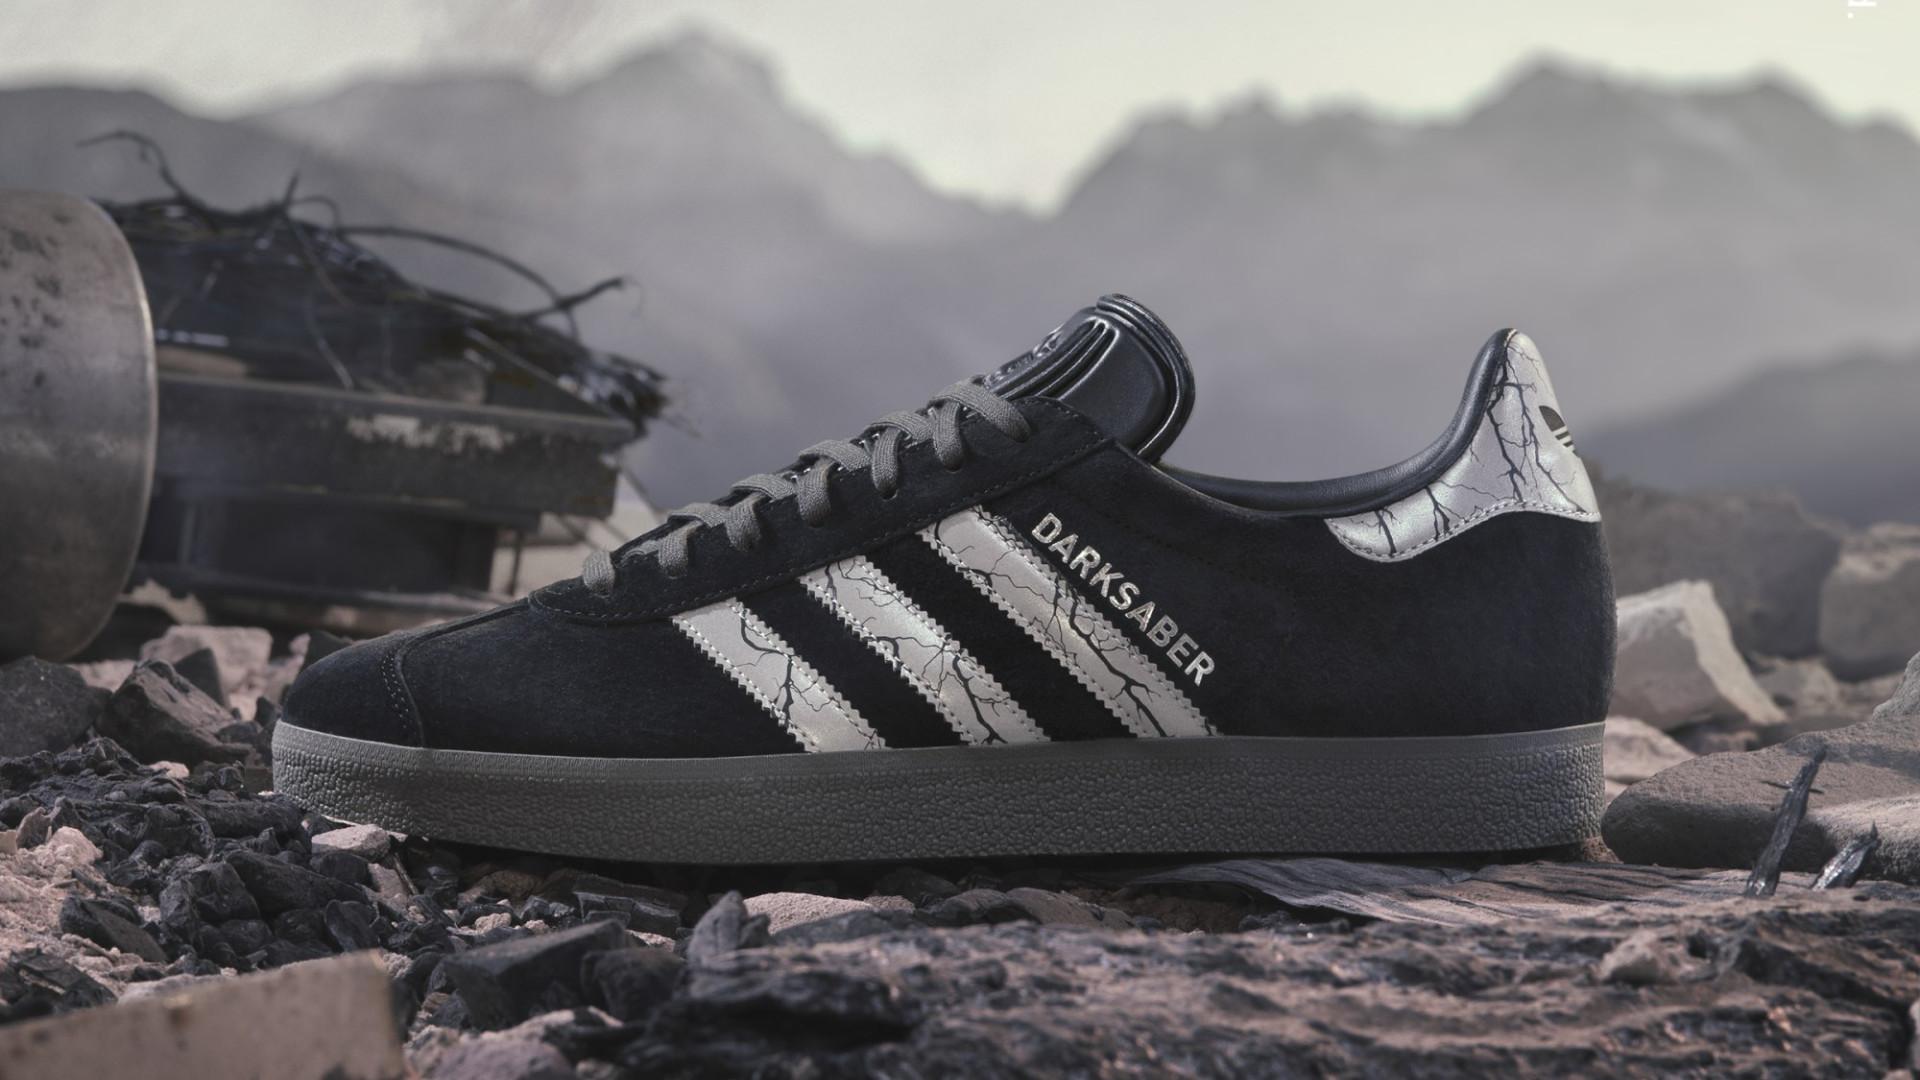 Adidas представила кеды Gazelle, посвящённые «Звёздным войнам»